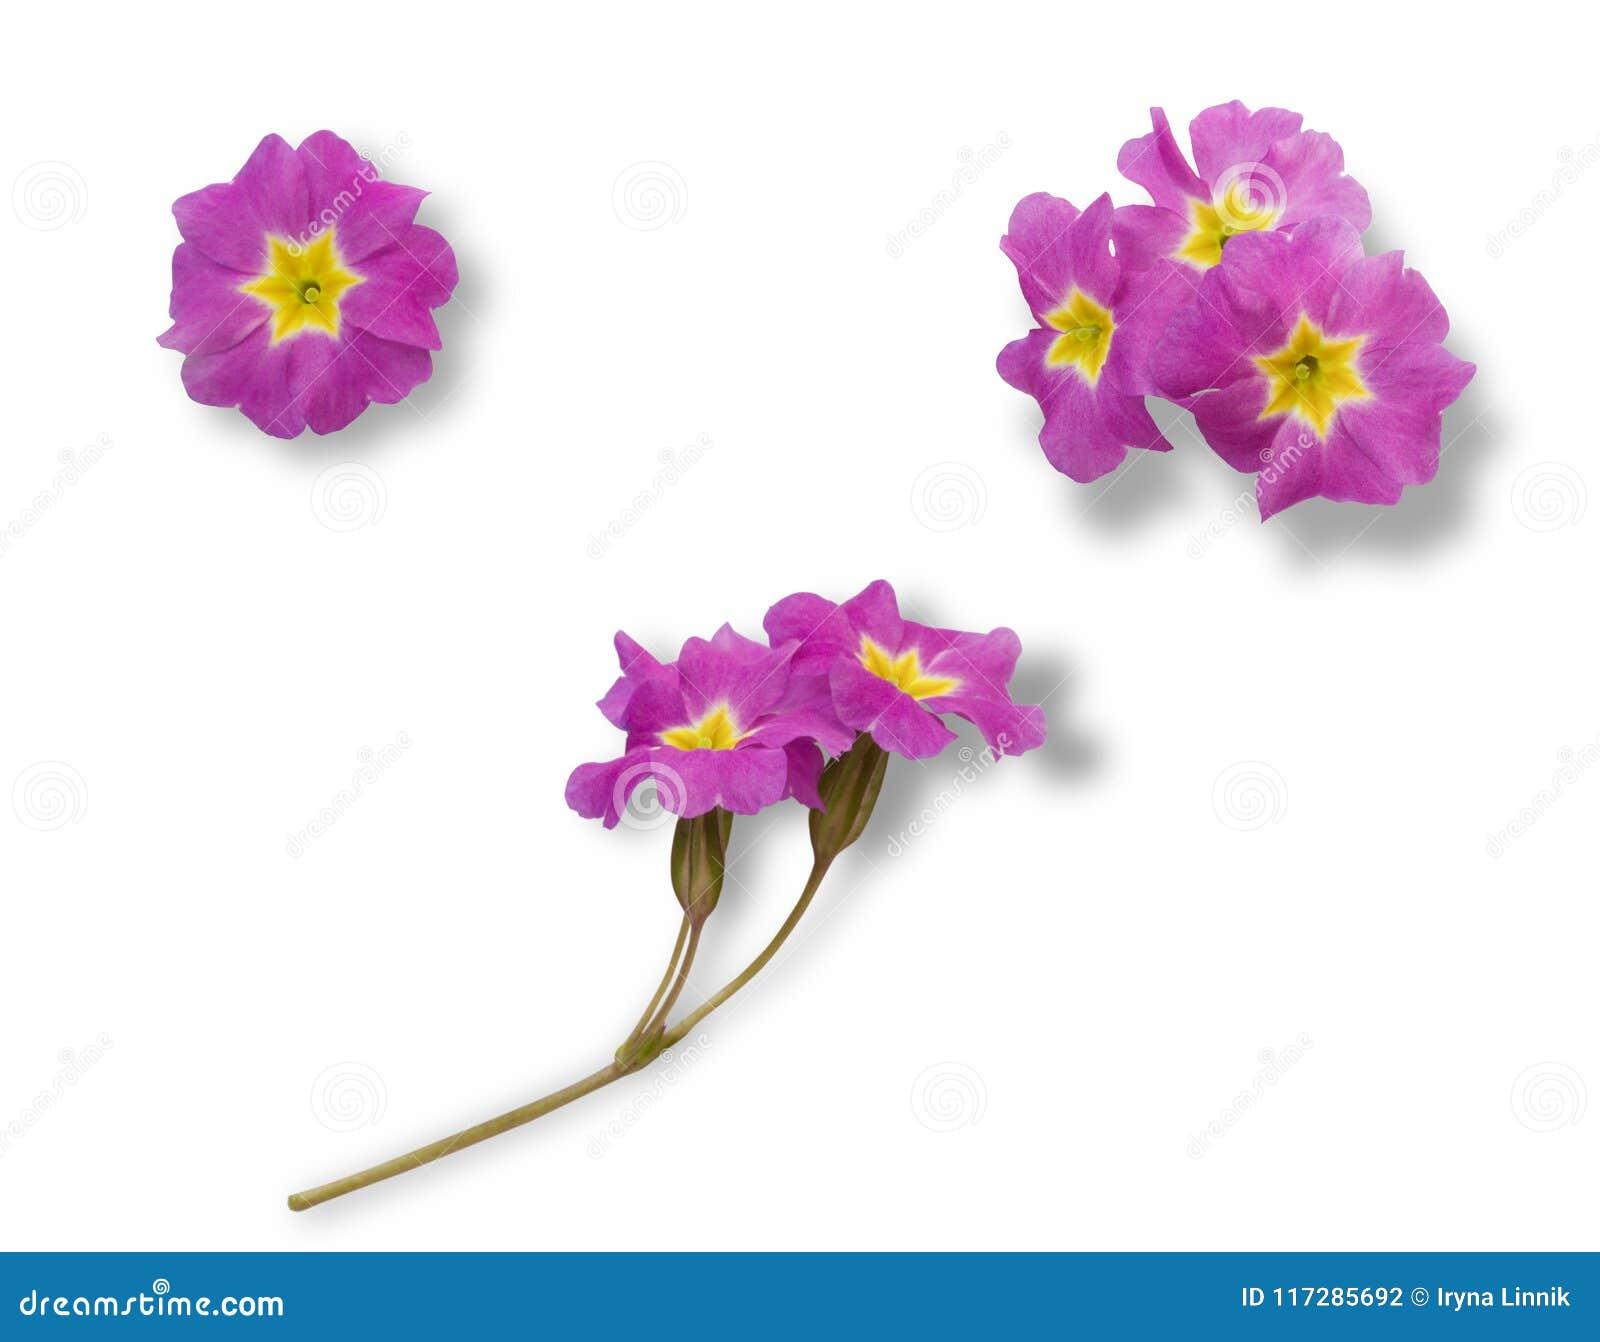 Insieme dei fiori rosa della primaverina isolati su fondo bianco per progettazione grafica